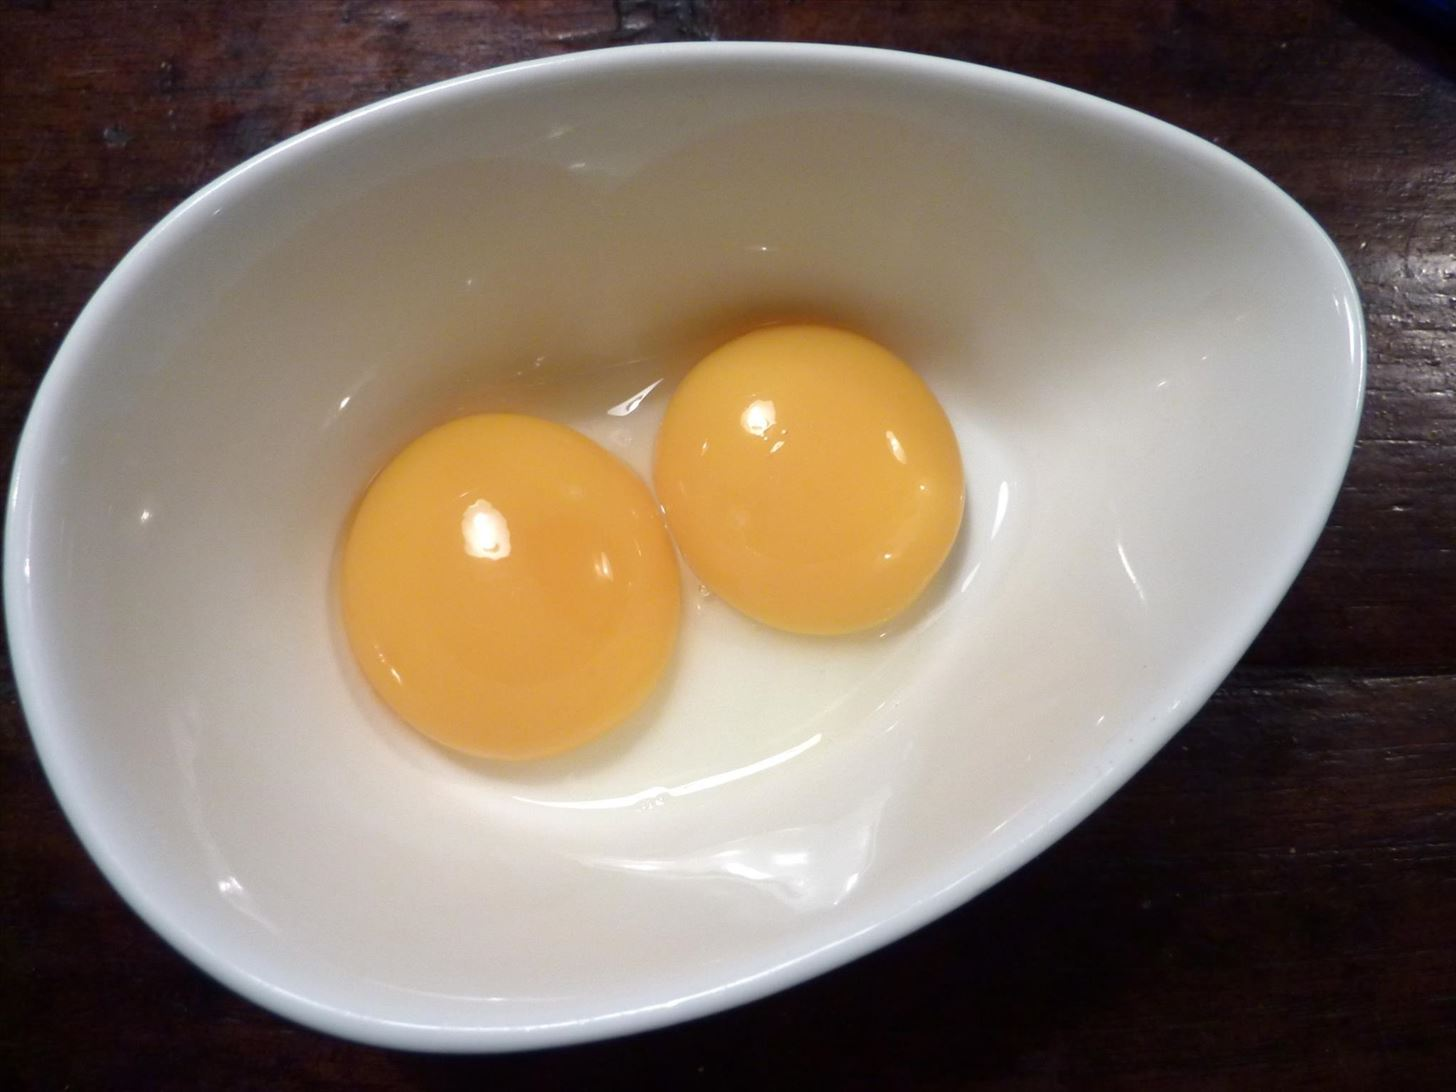 Two egg whites